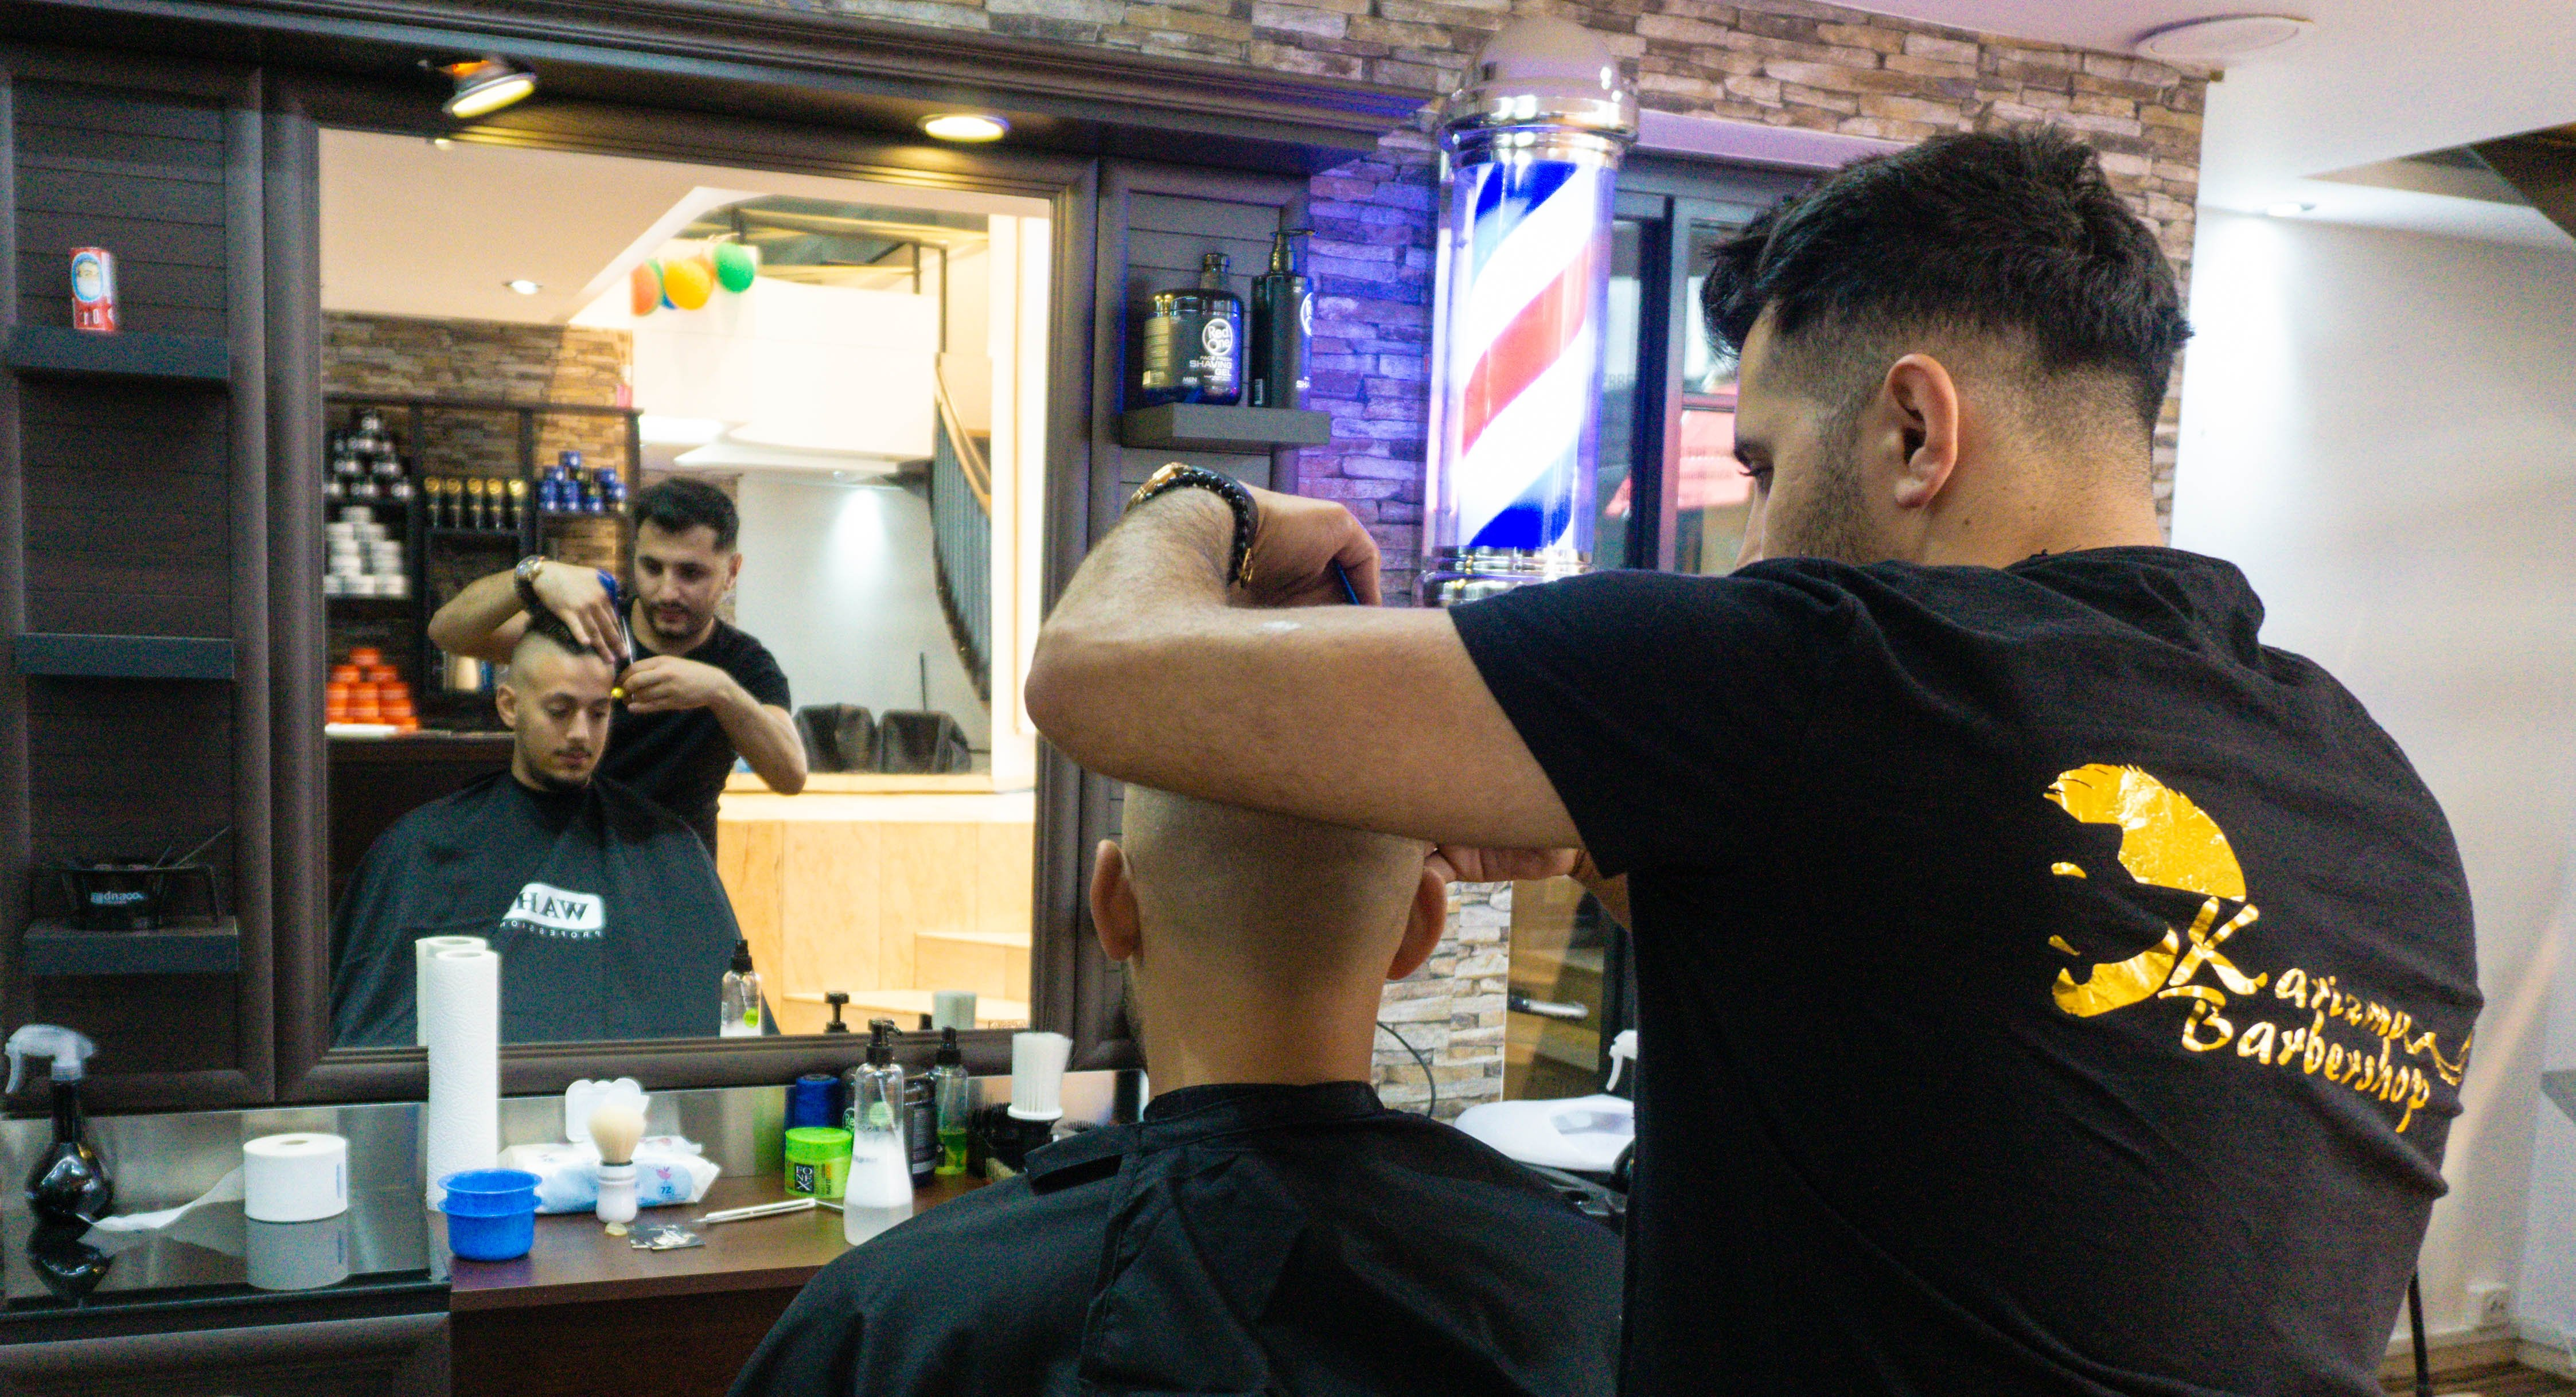 Kultobjekt und Wegweiser zugleich: Die rot-weiss-blau bemalte Stange – «Barberpole» oder «Barbierpfosten» genannt – symbolisiert, dass zugleich Haarschnitt und Rasur angeboten werden.